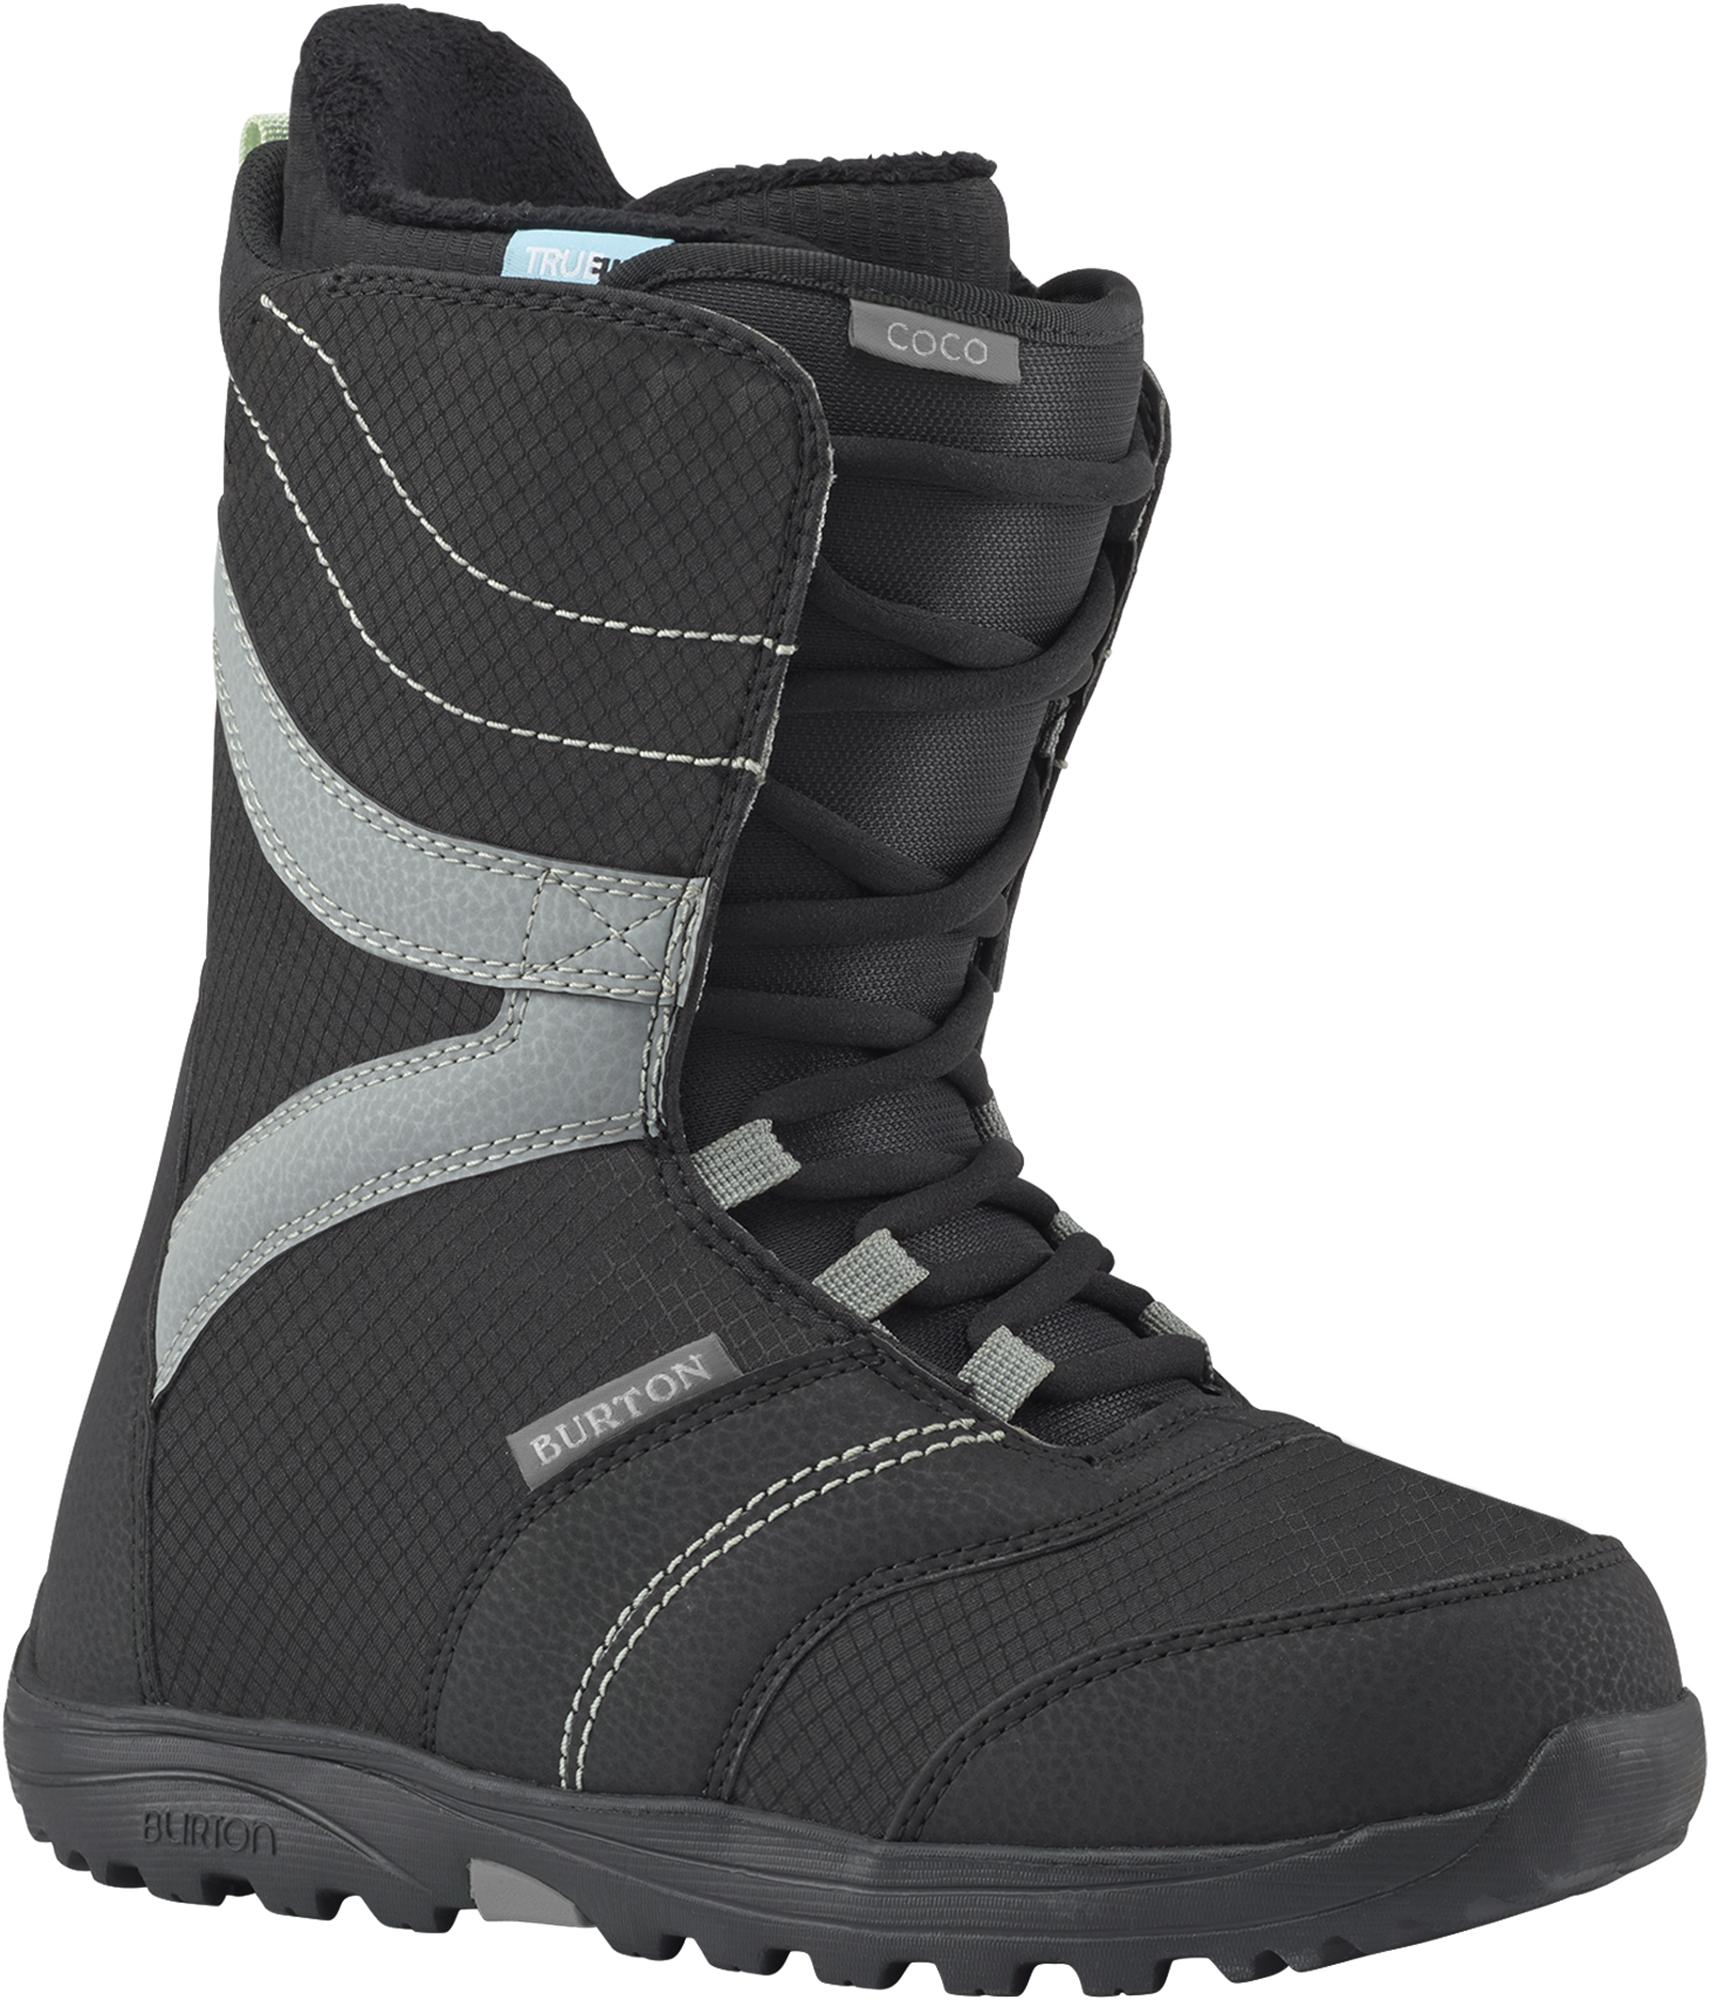 Burton Сноубордические ботинки женские Burton Coco, размер 38,5 цена